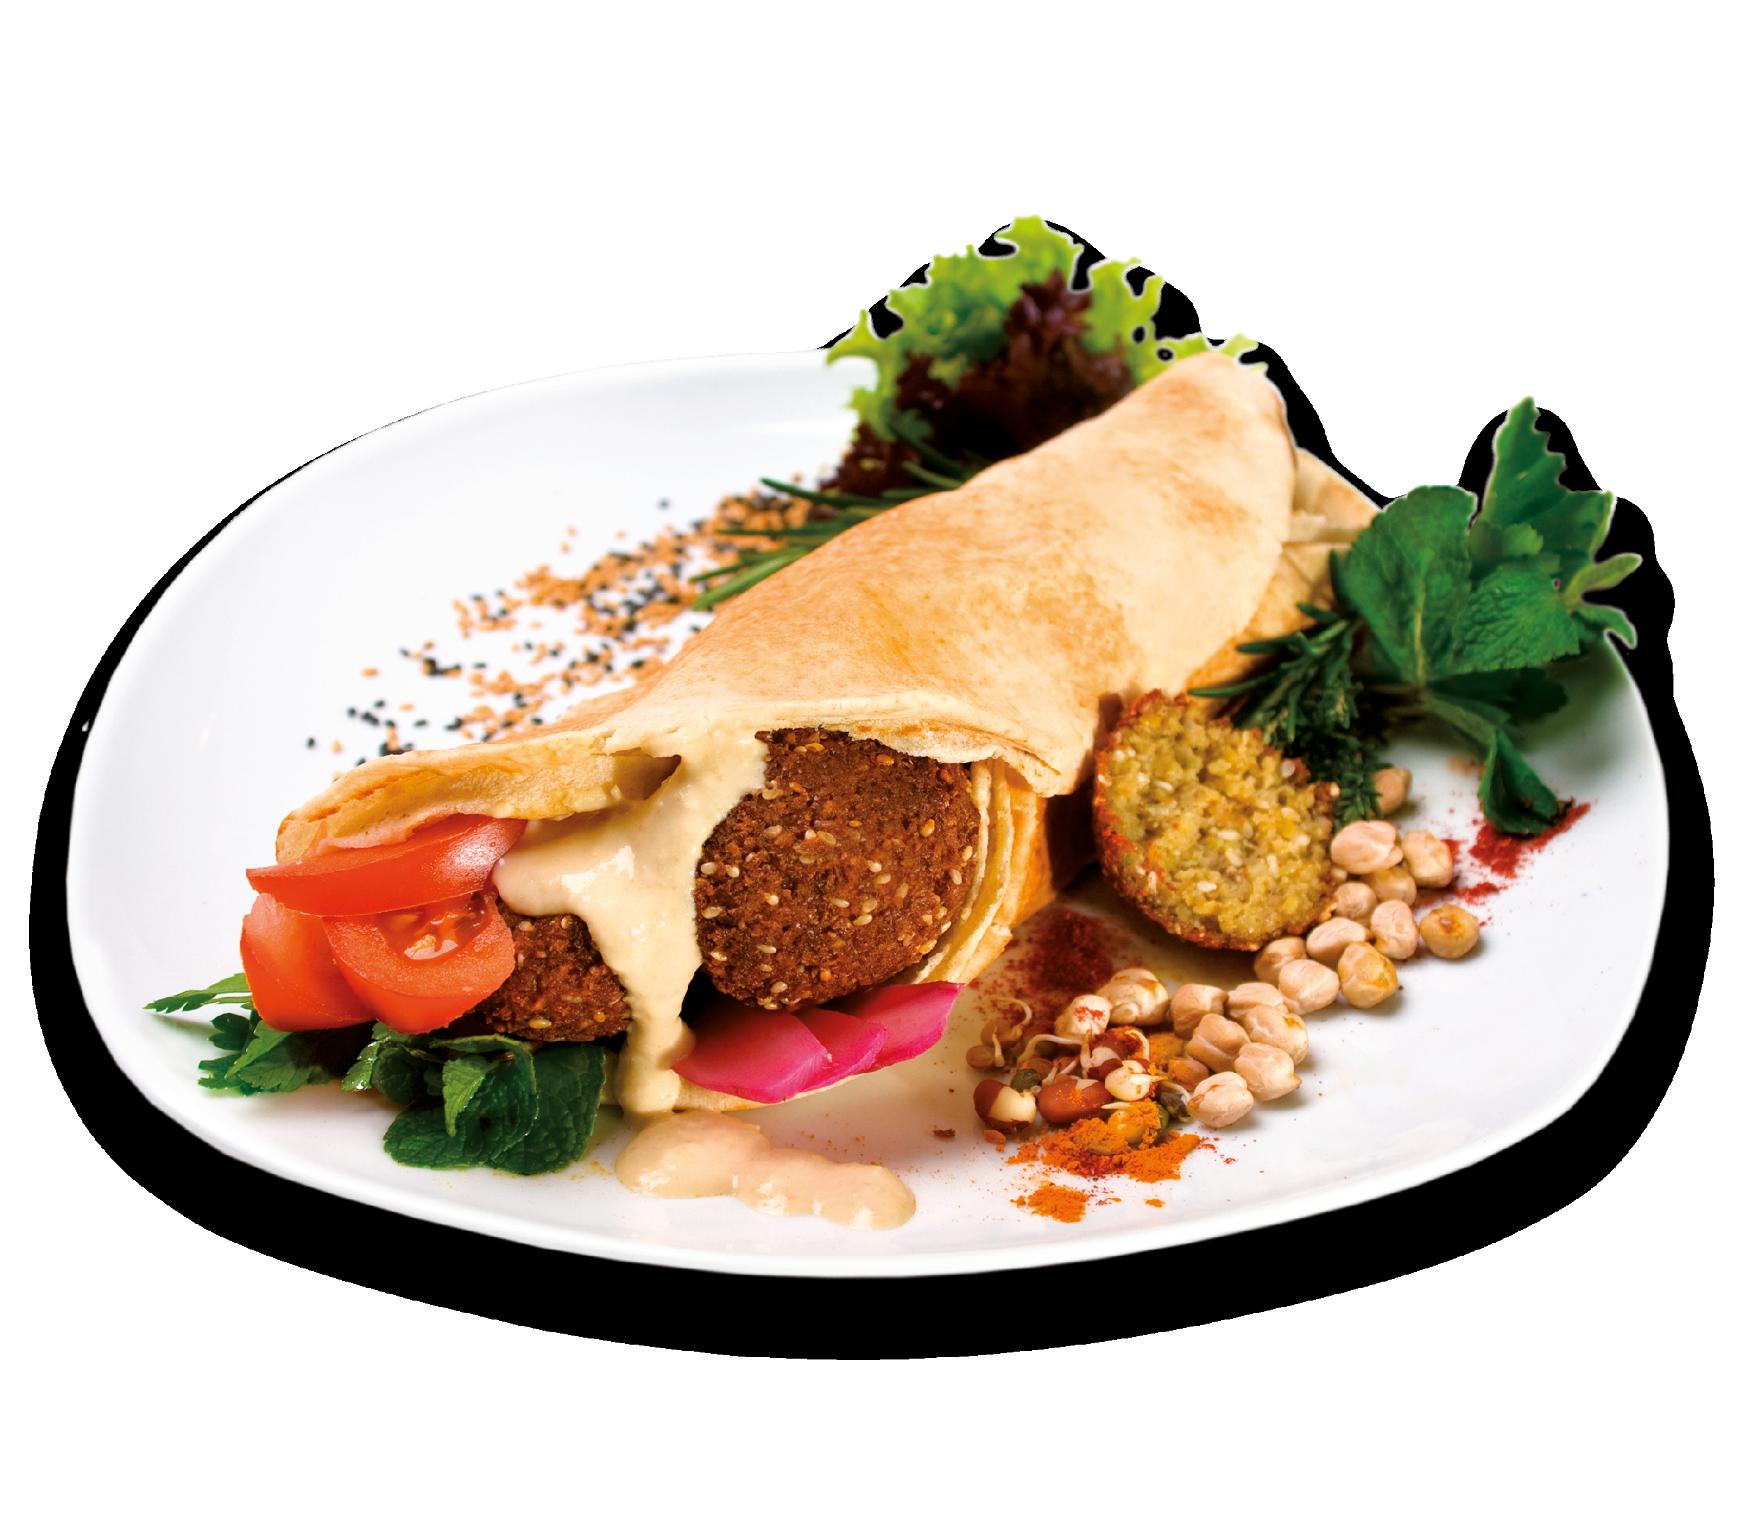 Die Classic Falafel